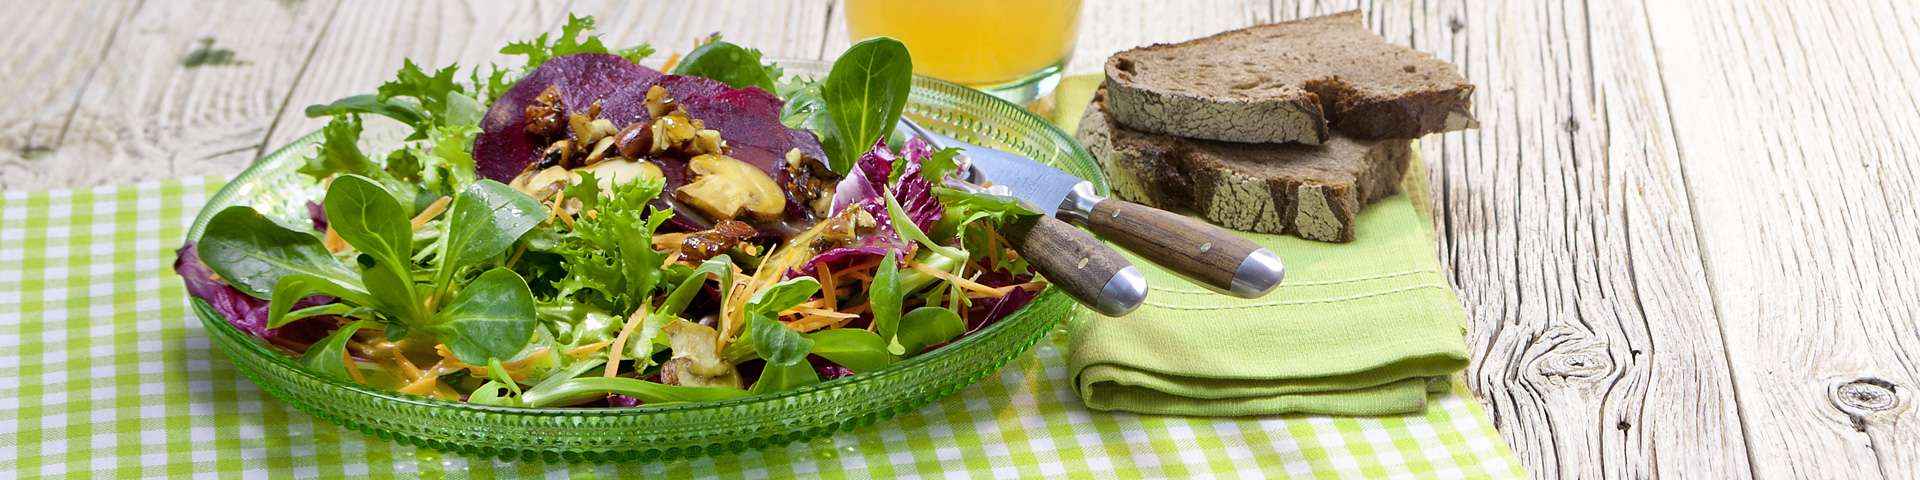 bio rezept omega3 salat mit kr uter hanf l dressing und. Black Bedroom Furniture Sets. Home Design Ideas